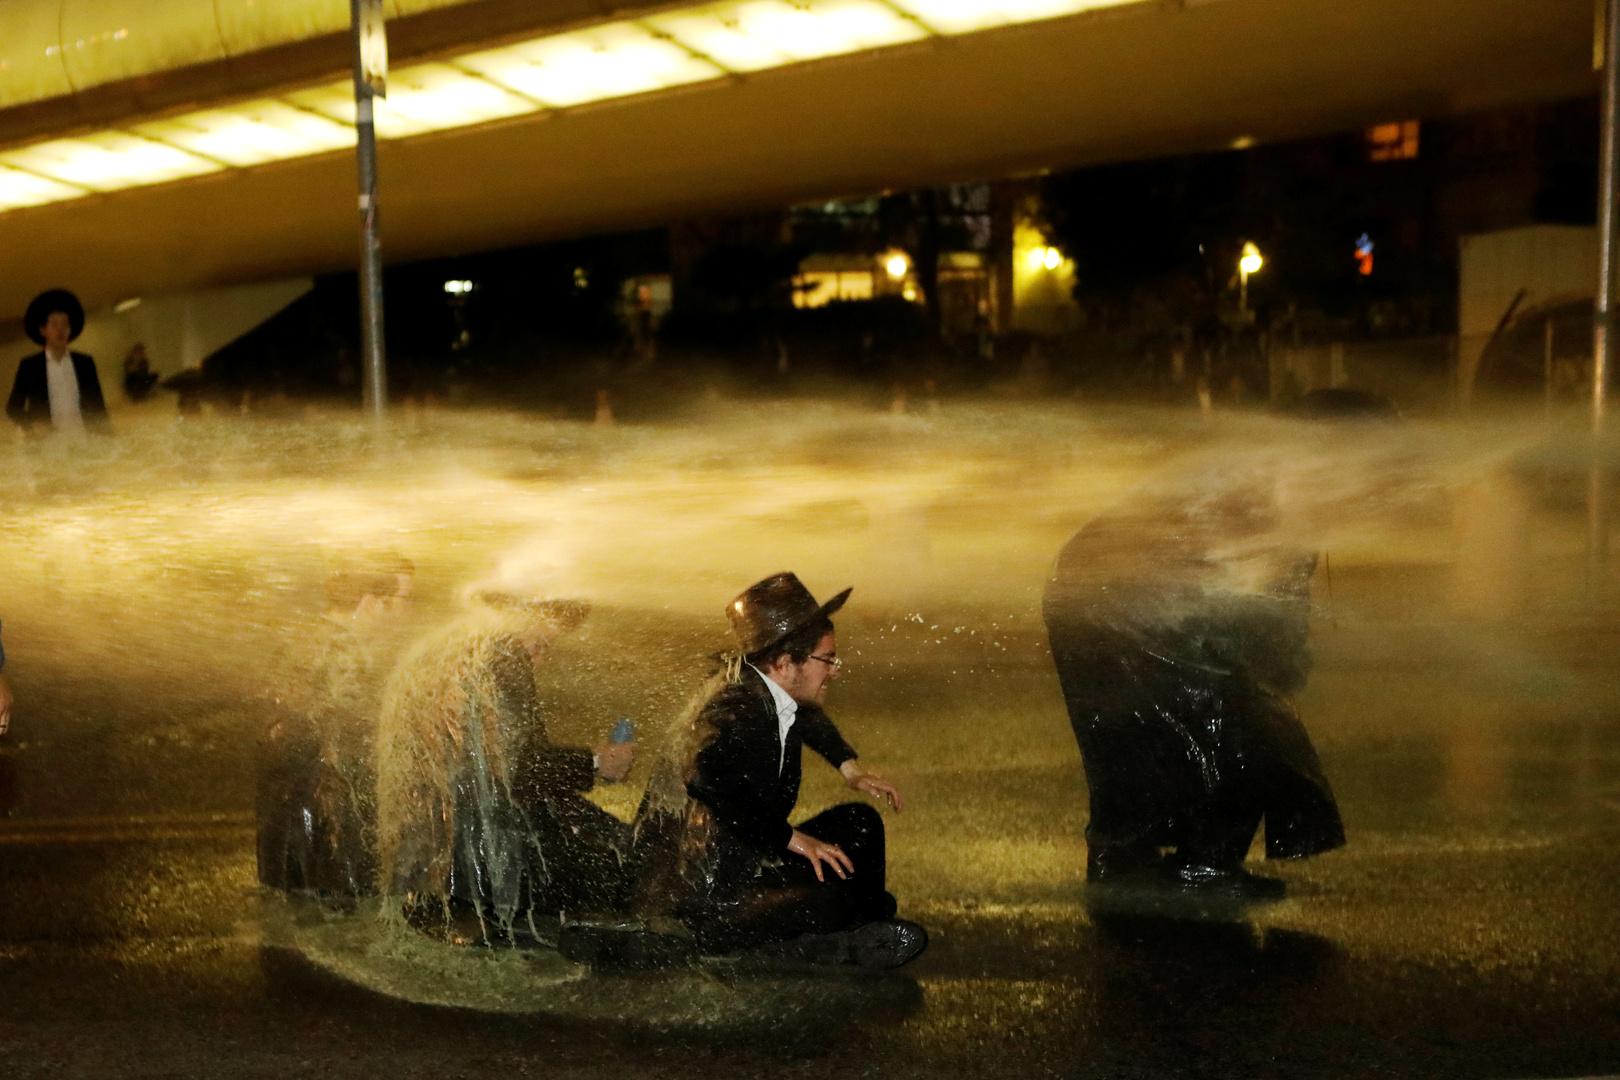 إسرائيل.. اشتباكات عنيفة بين الشرطة ومتدينين يهود متطرفين مناهضين للإغلاق في بني براك